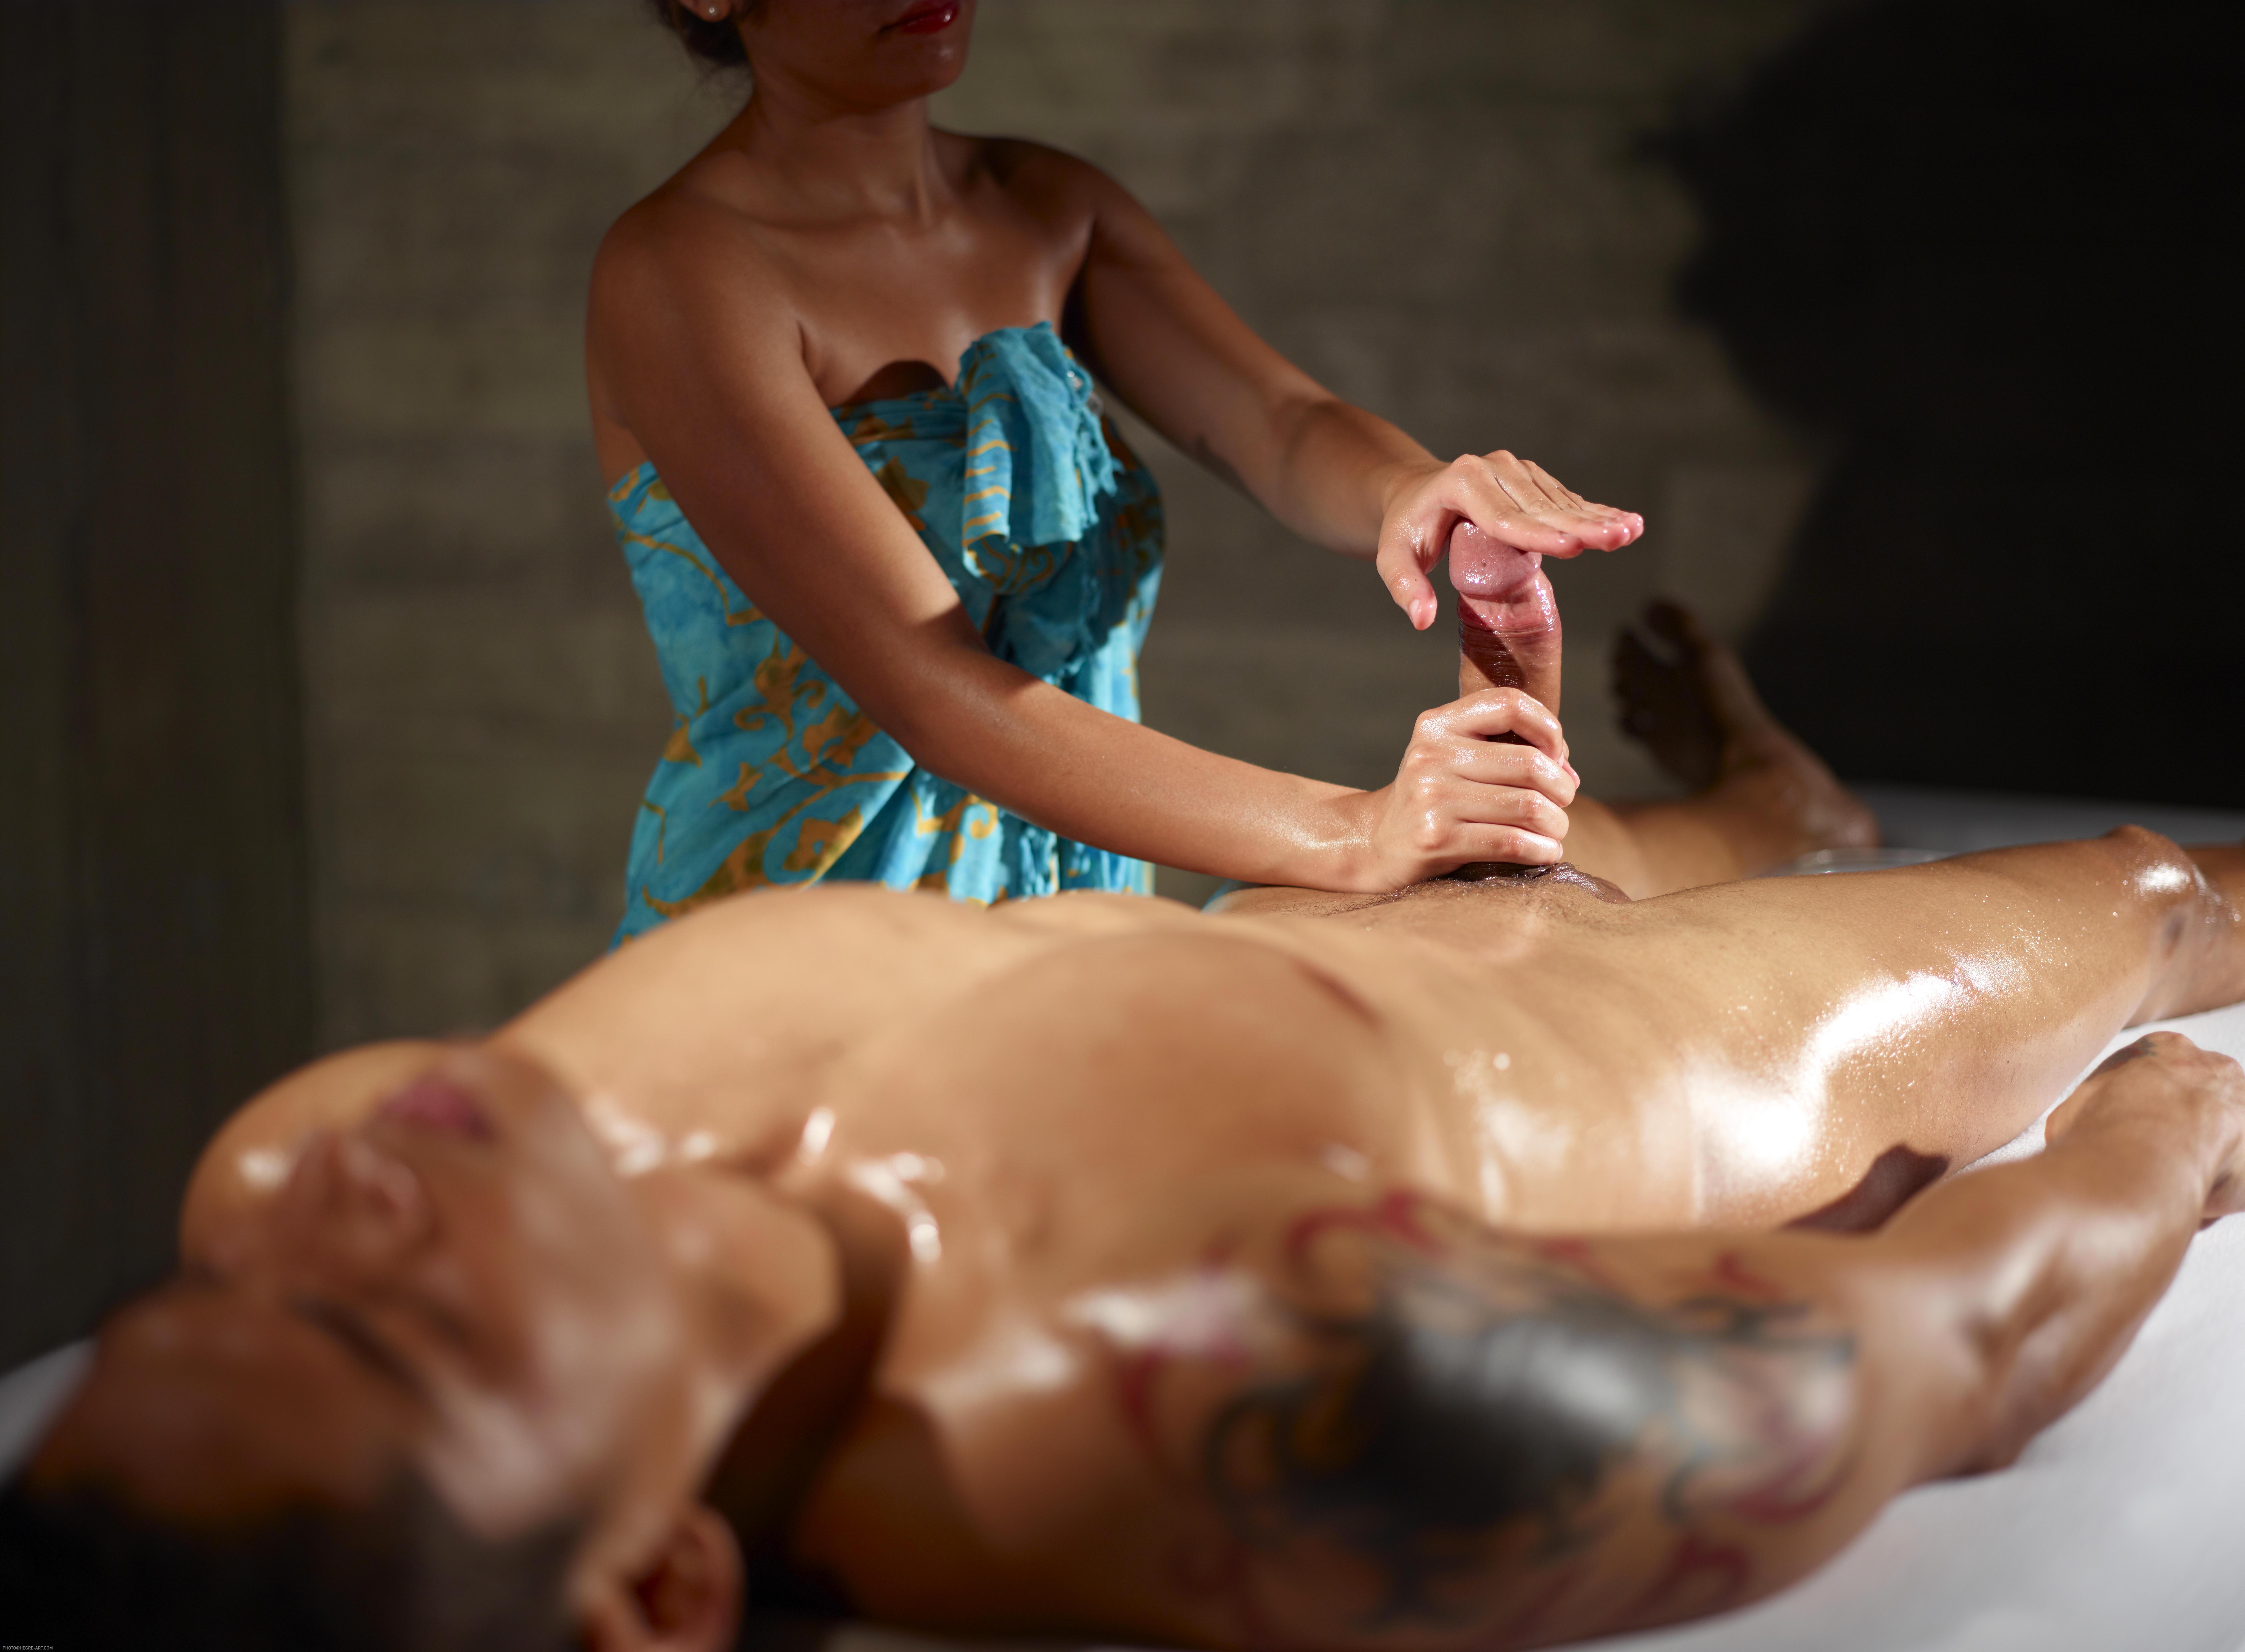 massage privat københavn to big cock